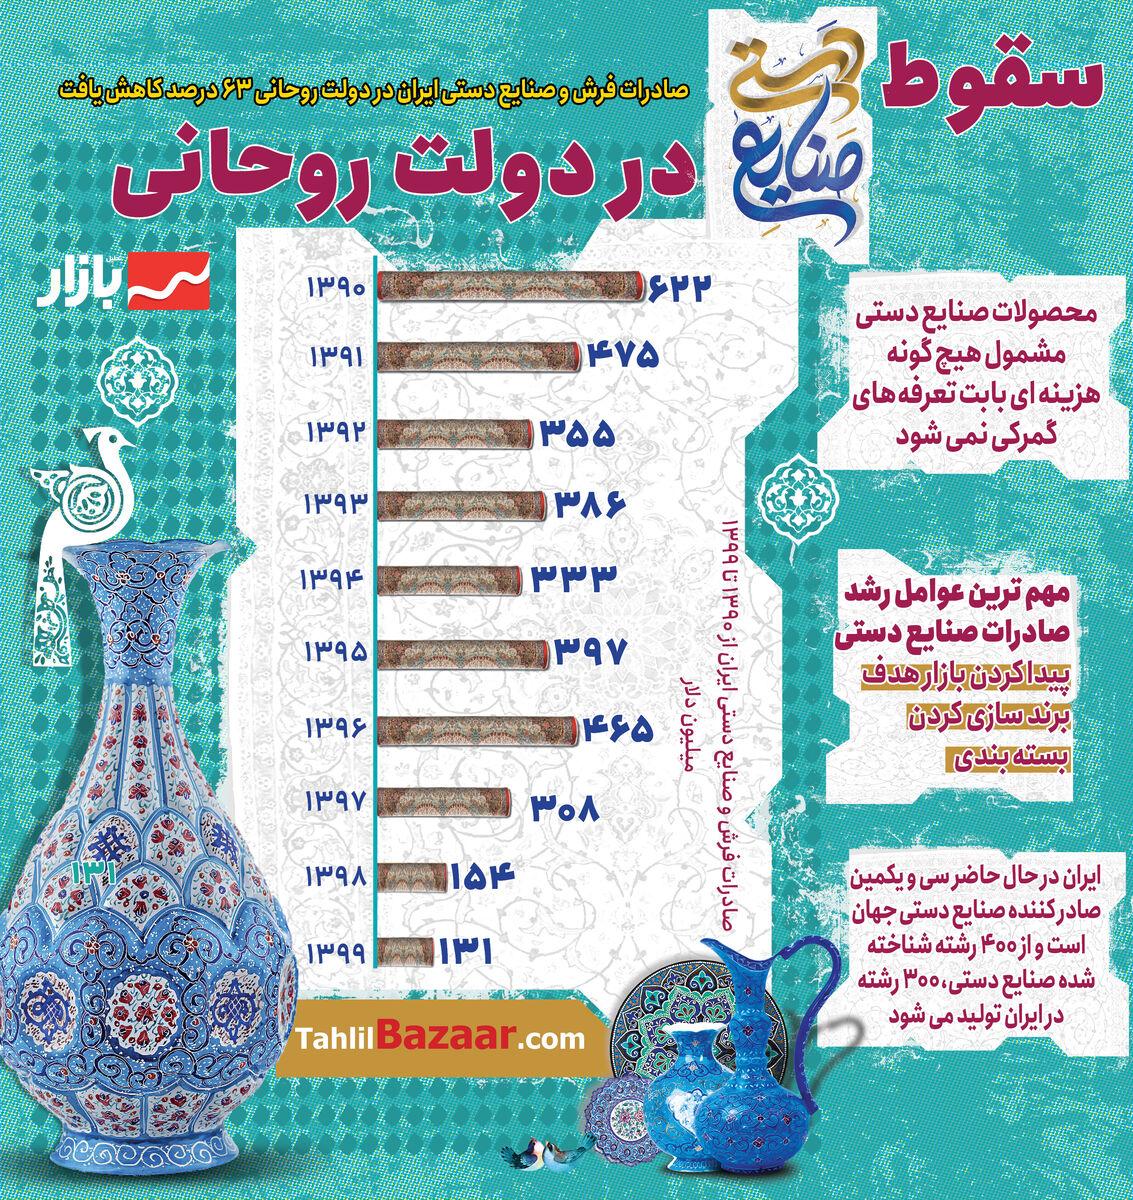 سقوط صنایع دستی در دولت روحانی